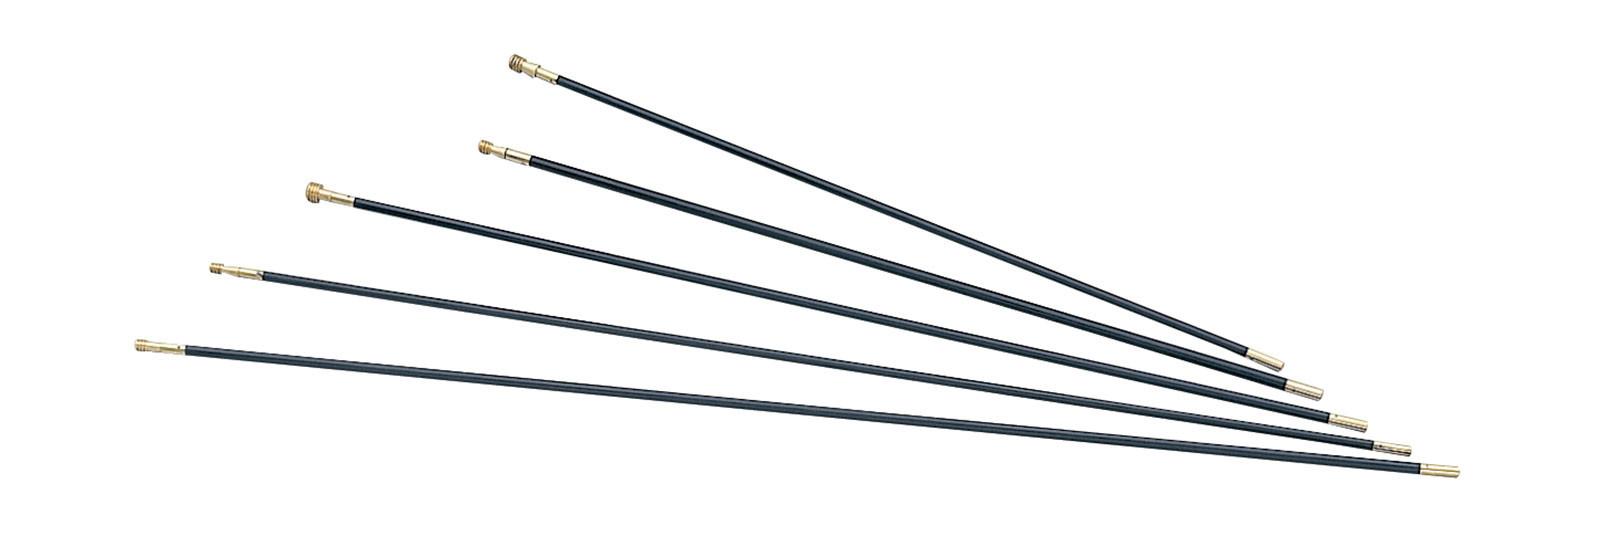 Muzzleloading Fiberglass ramrods 9x1060mm